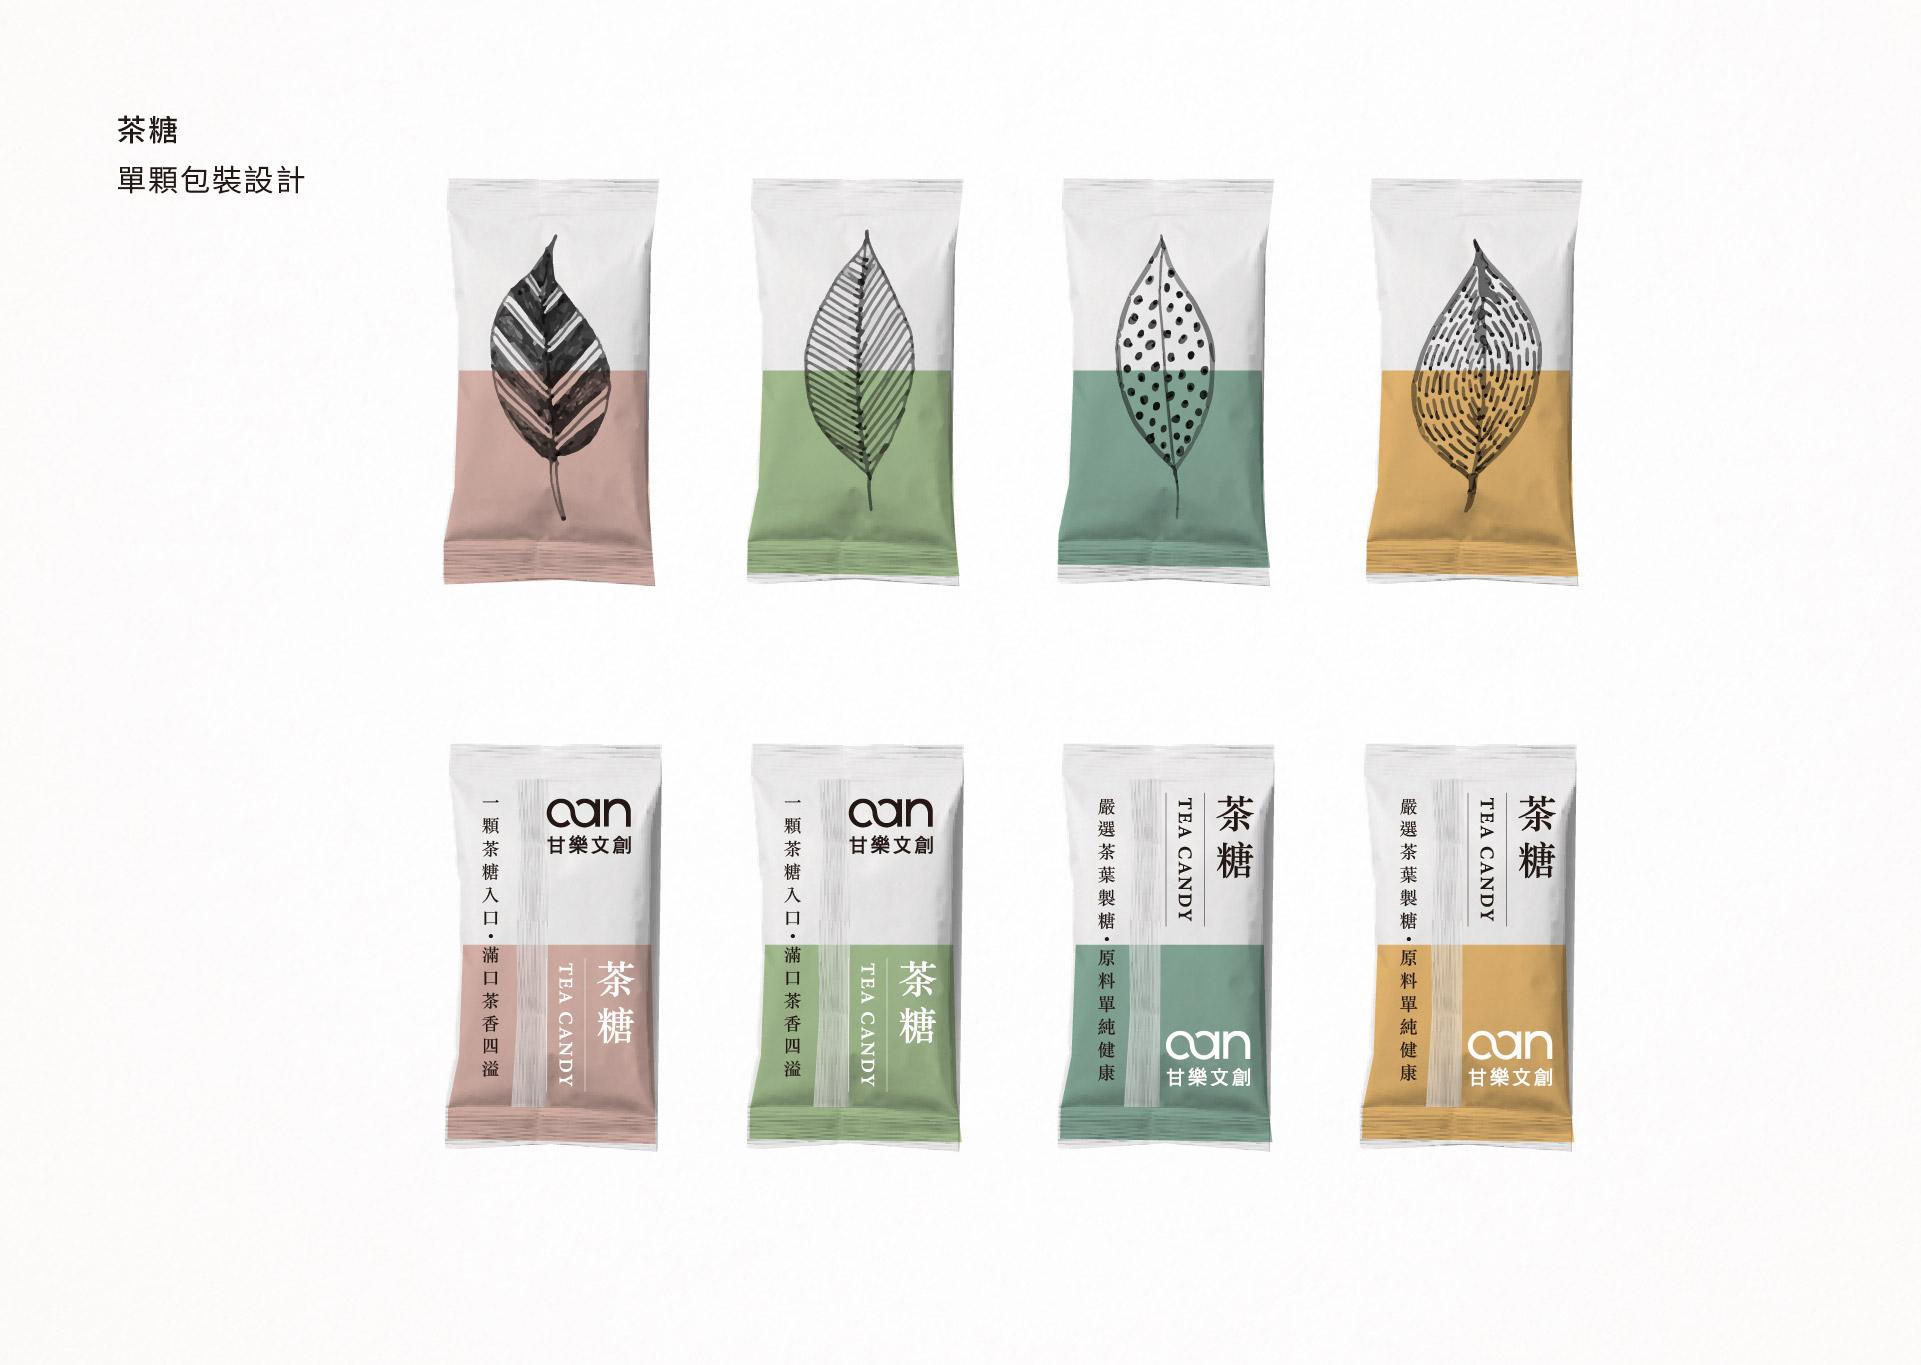 茶糖包裝設計   甘樂文創   甘之如飴,樂在其中